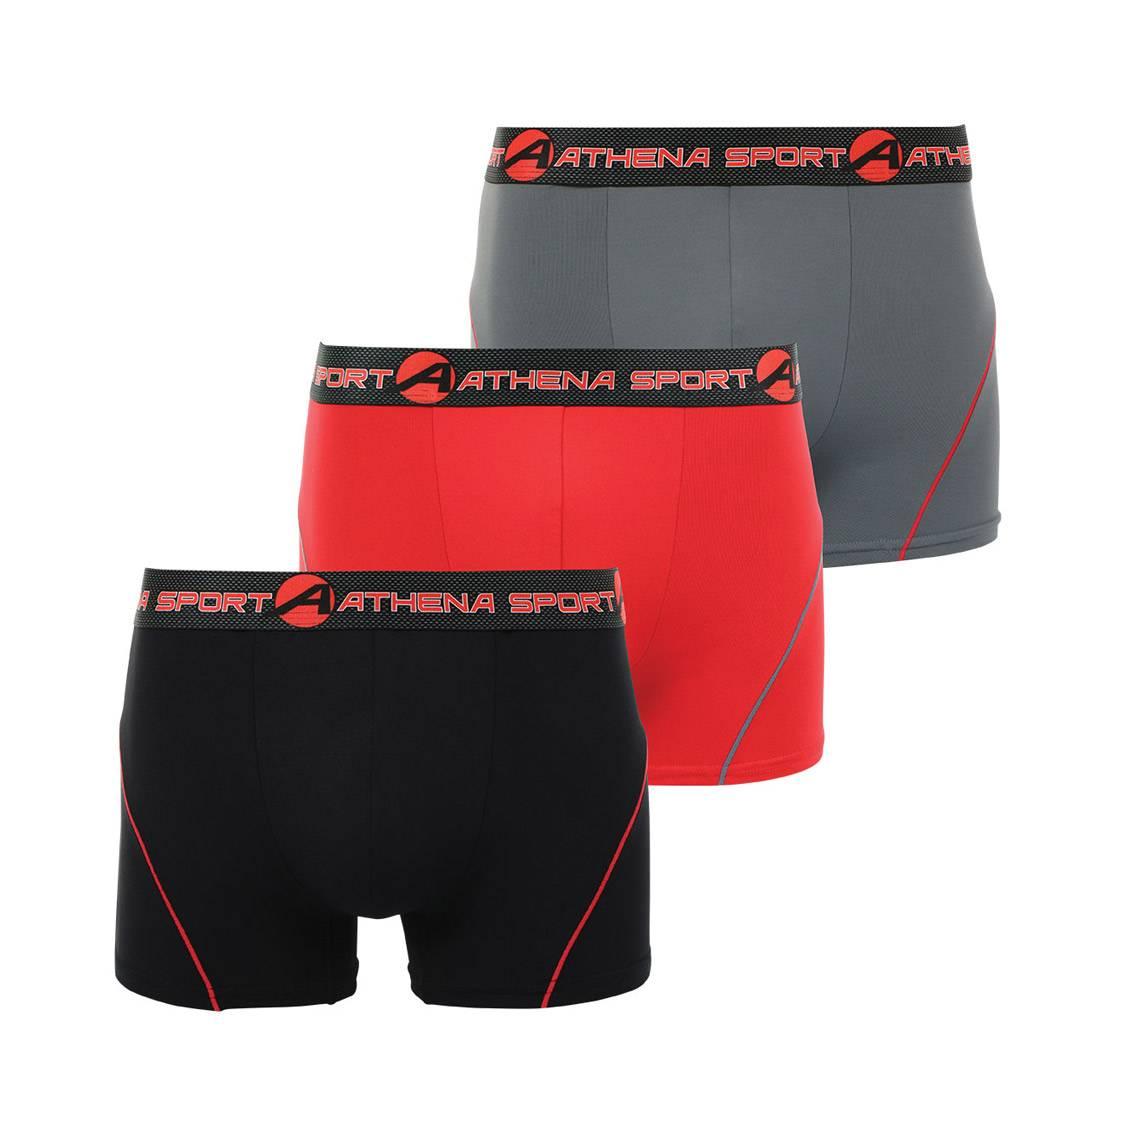 Lot de 3 boxers Athena Sport en microfibre respirante noire, grise et rouge. Lot de 3 boxers Athena Sport en microfibre respirante noire, grise et rou